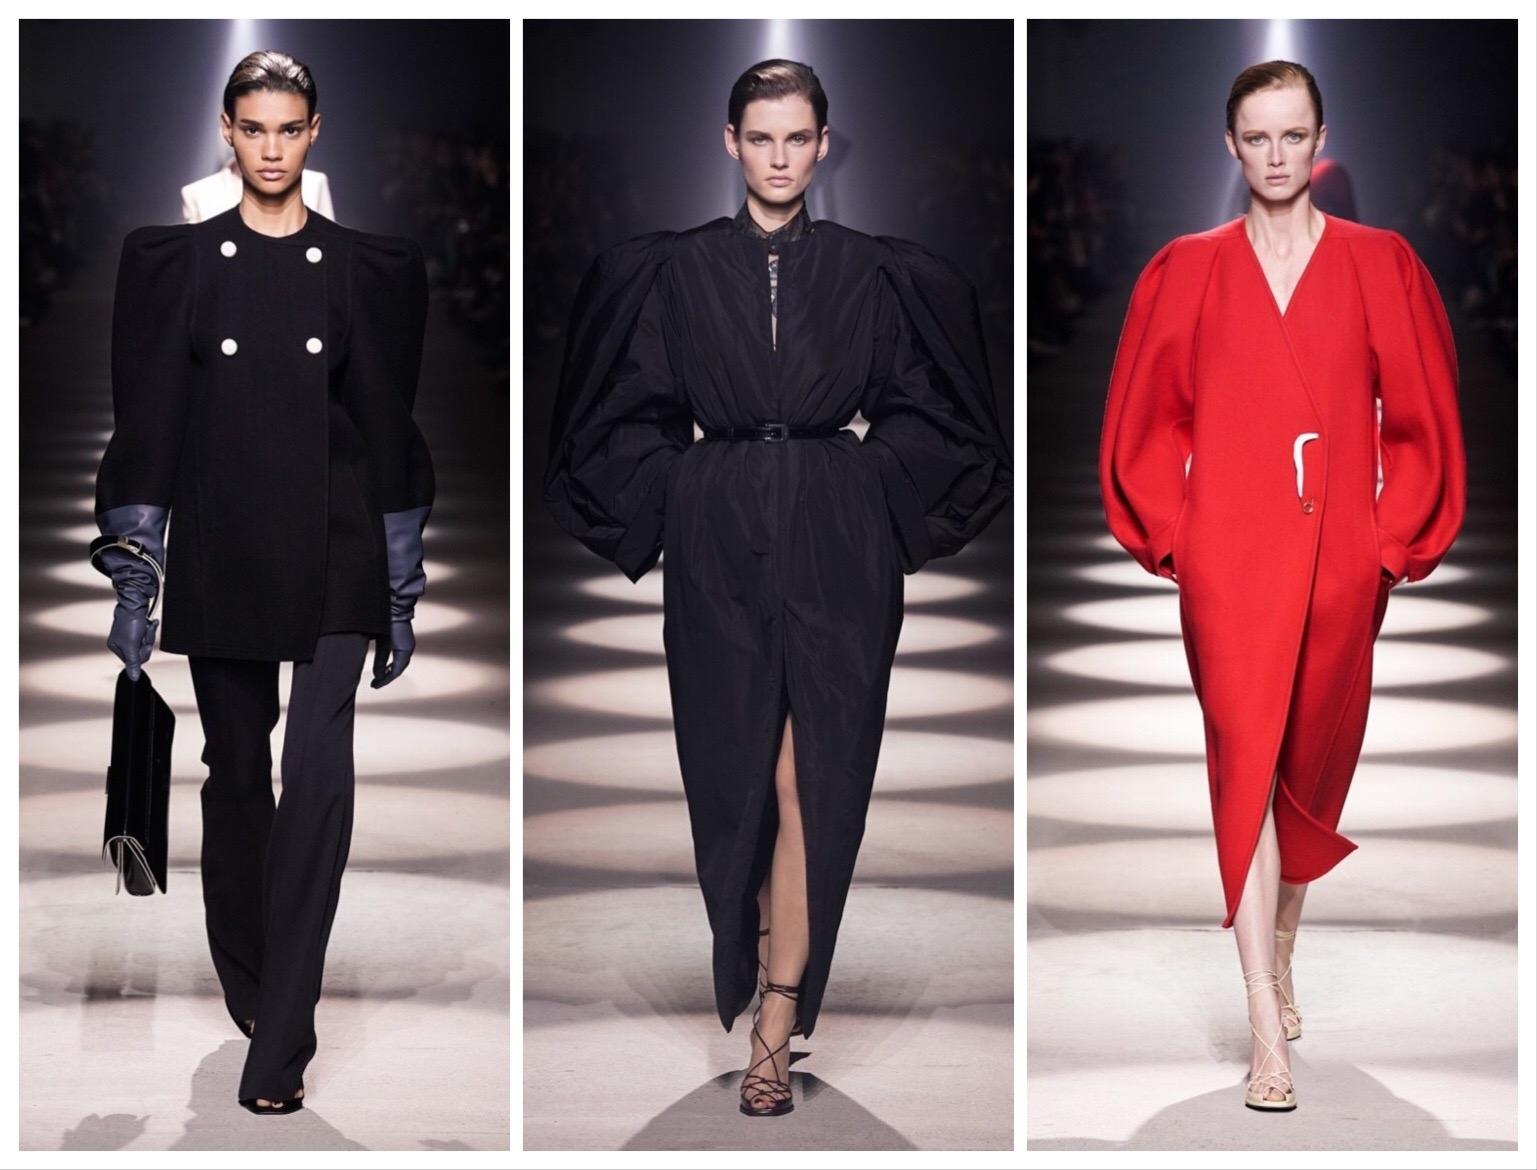 Что будет модно через полгода: тенденции с мировых Недель моды (ФОТО) - фото №1